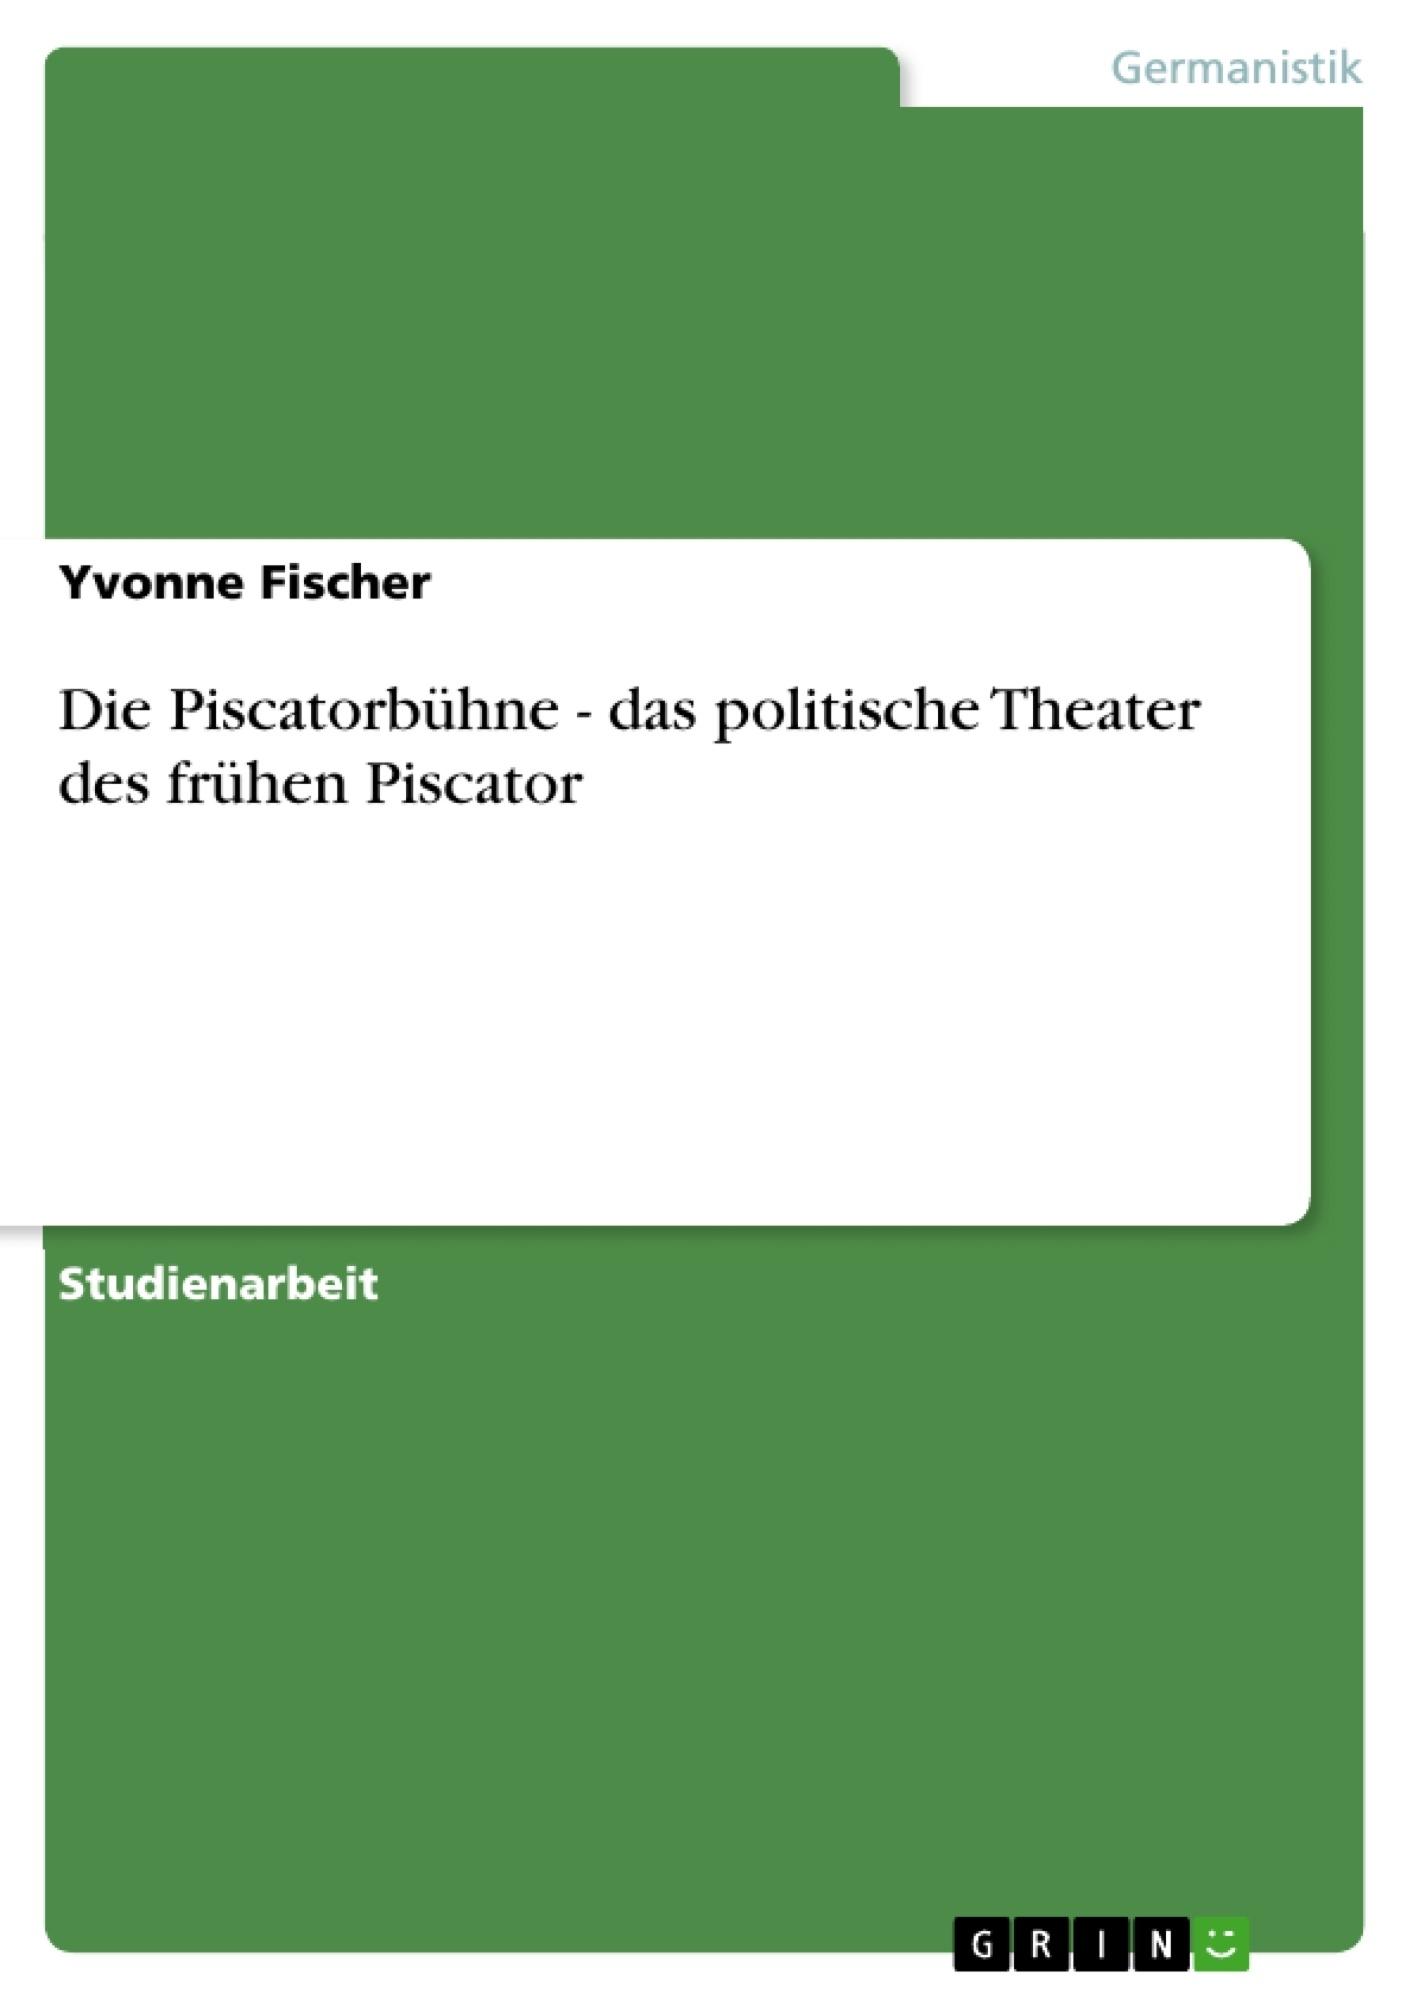 Titel: Die Piscatorbühne - das politische Theater des frühen Piscator